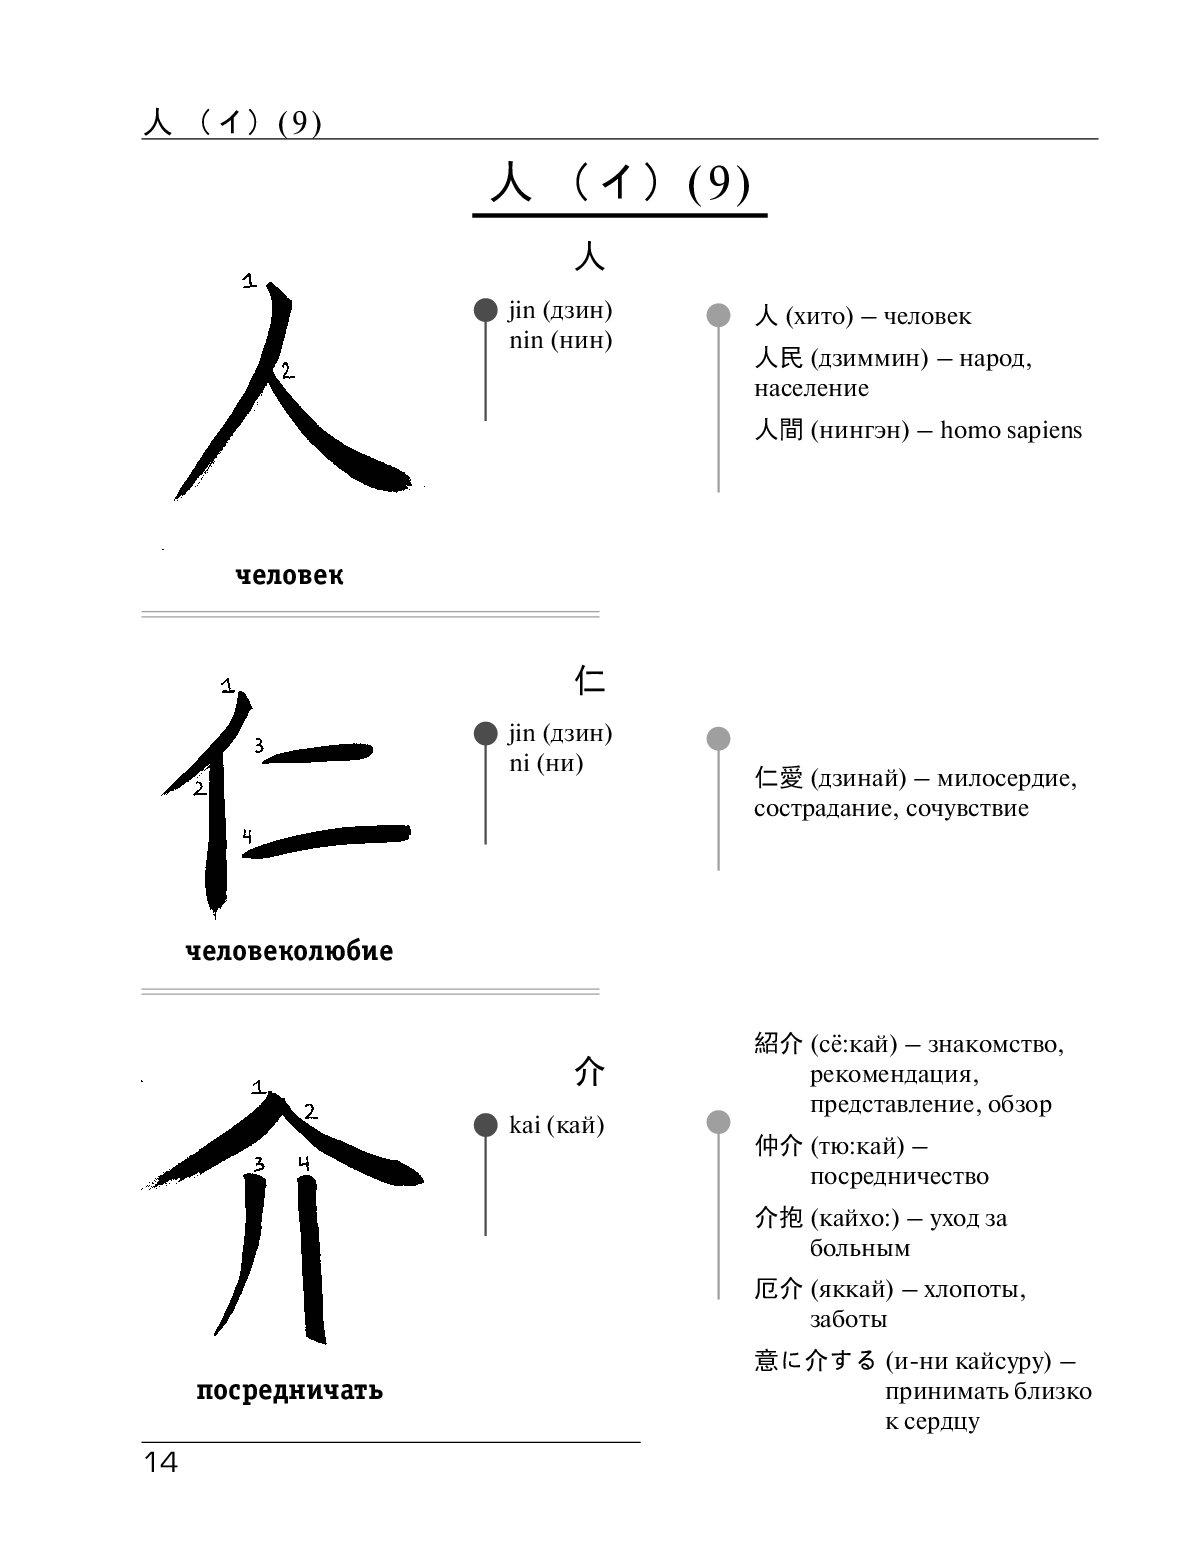 Кунное и онное чтение японского иероглифа картинка